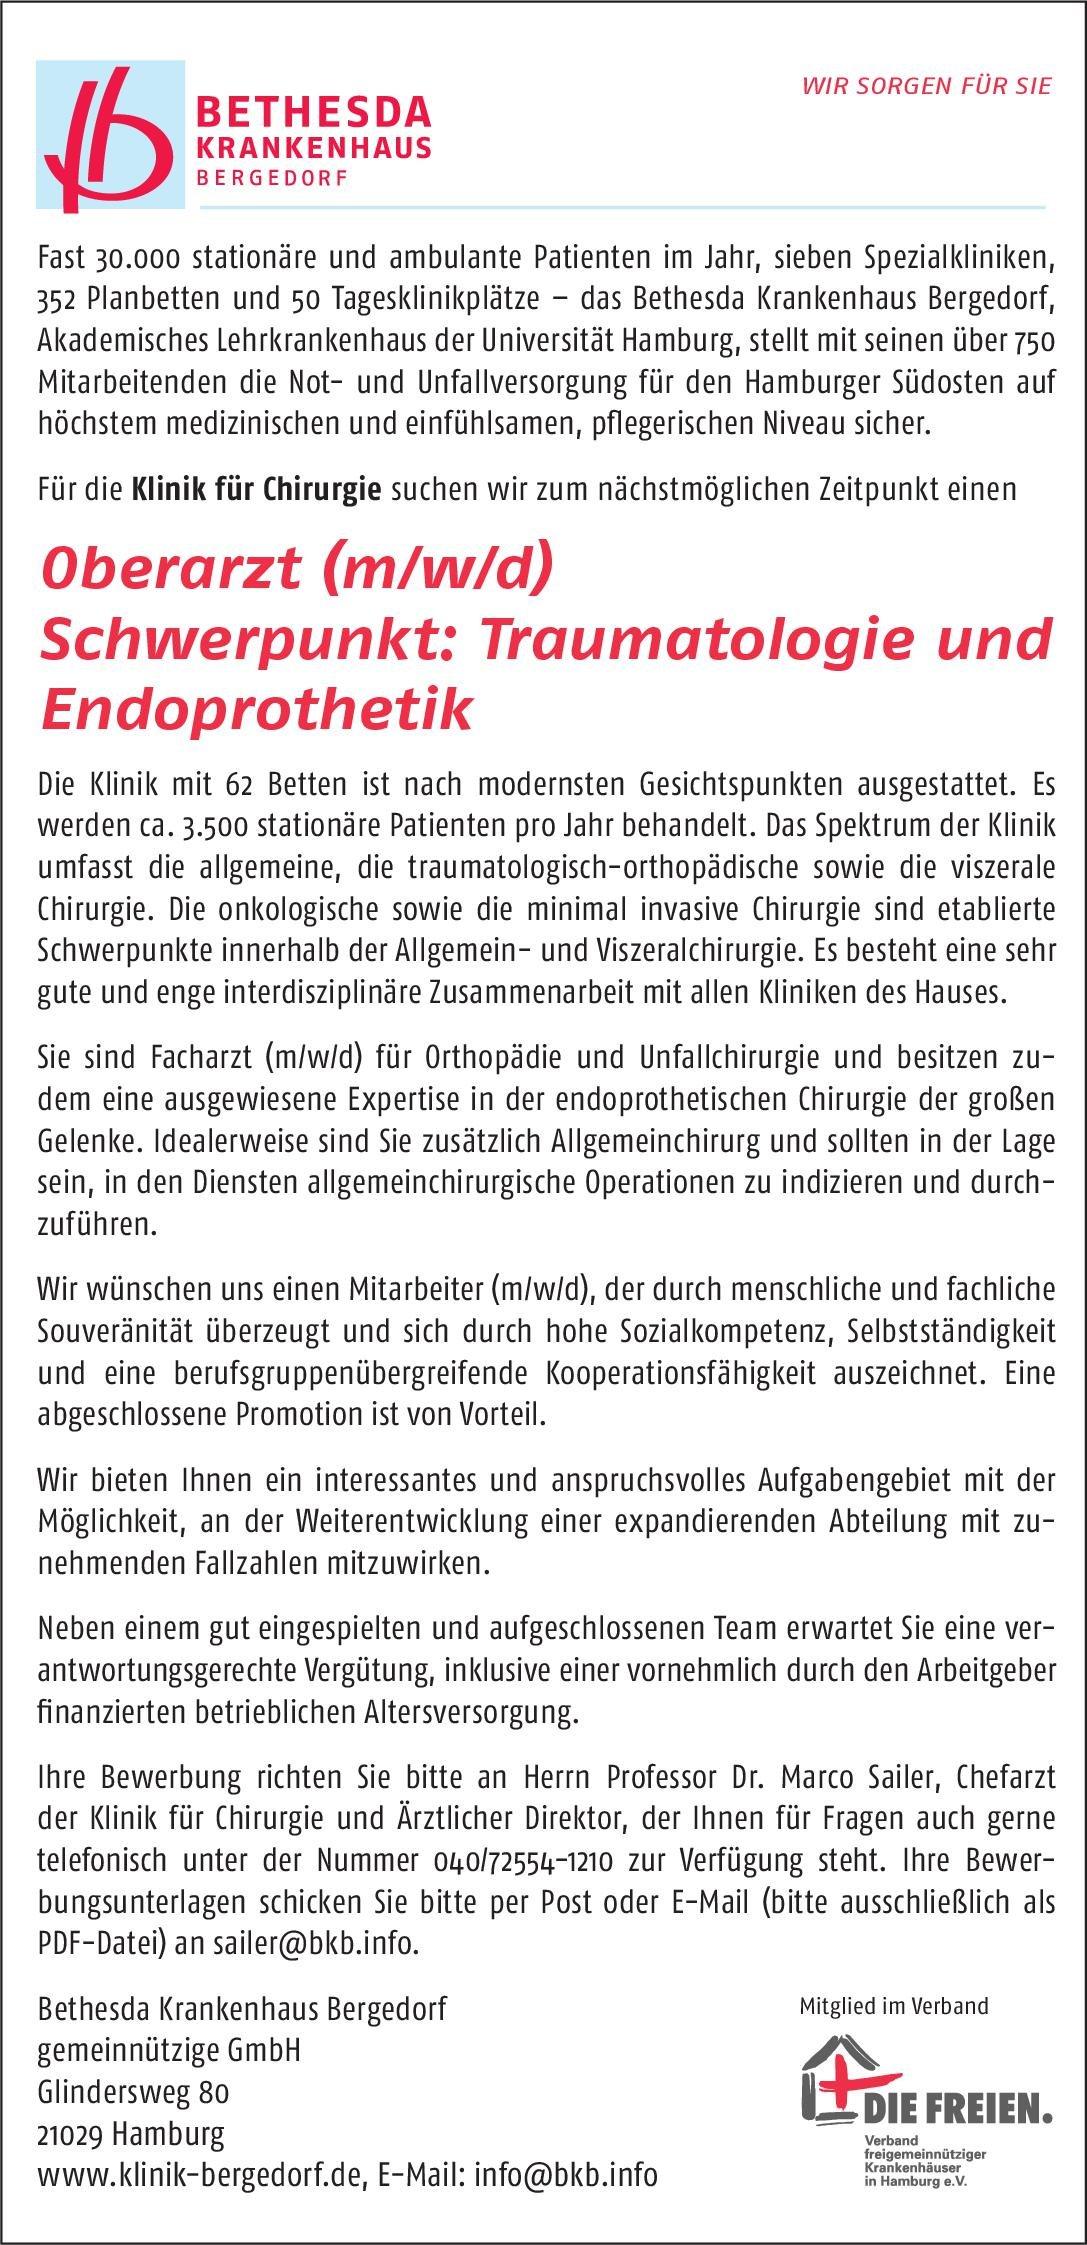 Bethesda Krankenhaus Bergedorf gGmbH Oberarzt (m/w/d) Schwerpunkt: Traumatologie und Endoprothetik  Orthopädie und Unfallchirurgie, Chirurgie Oberarzt